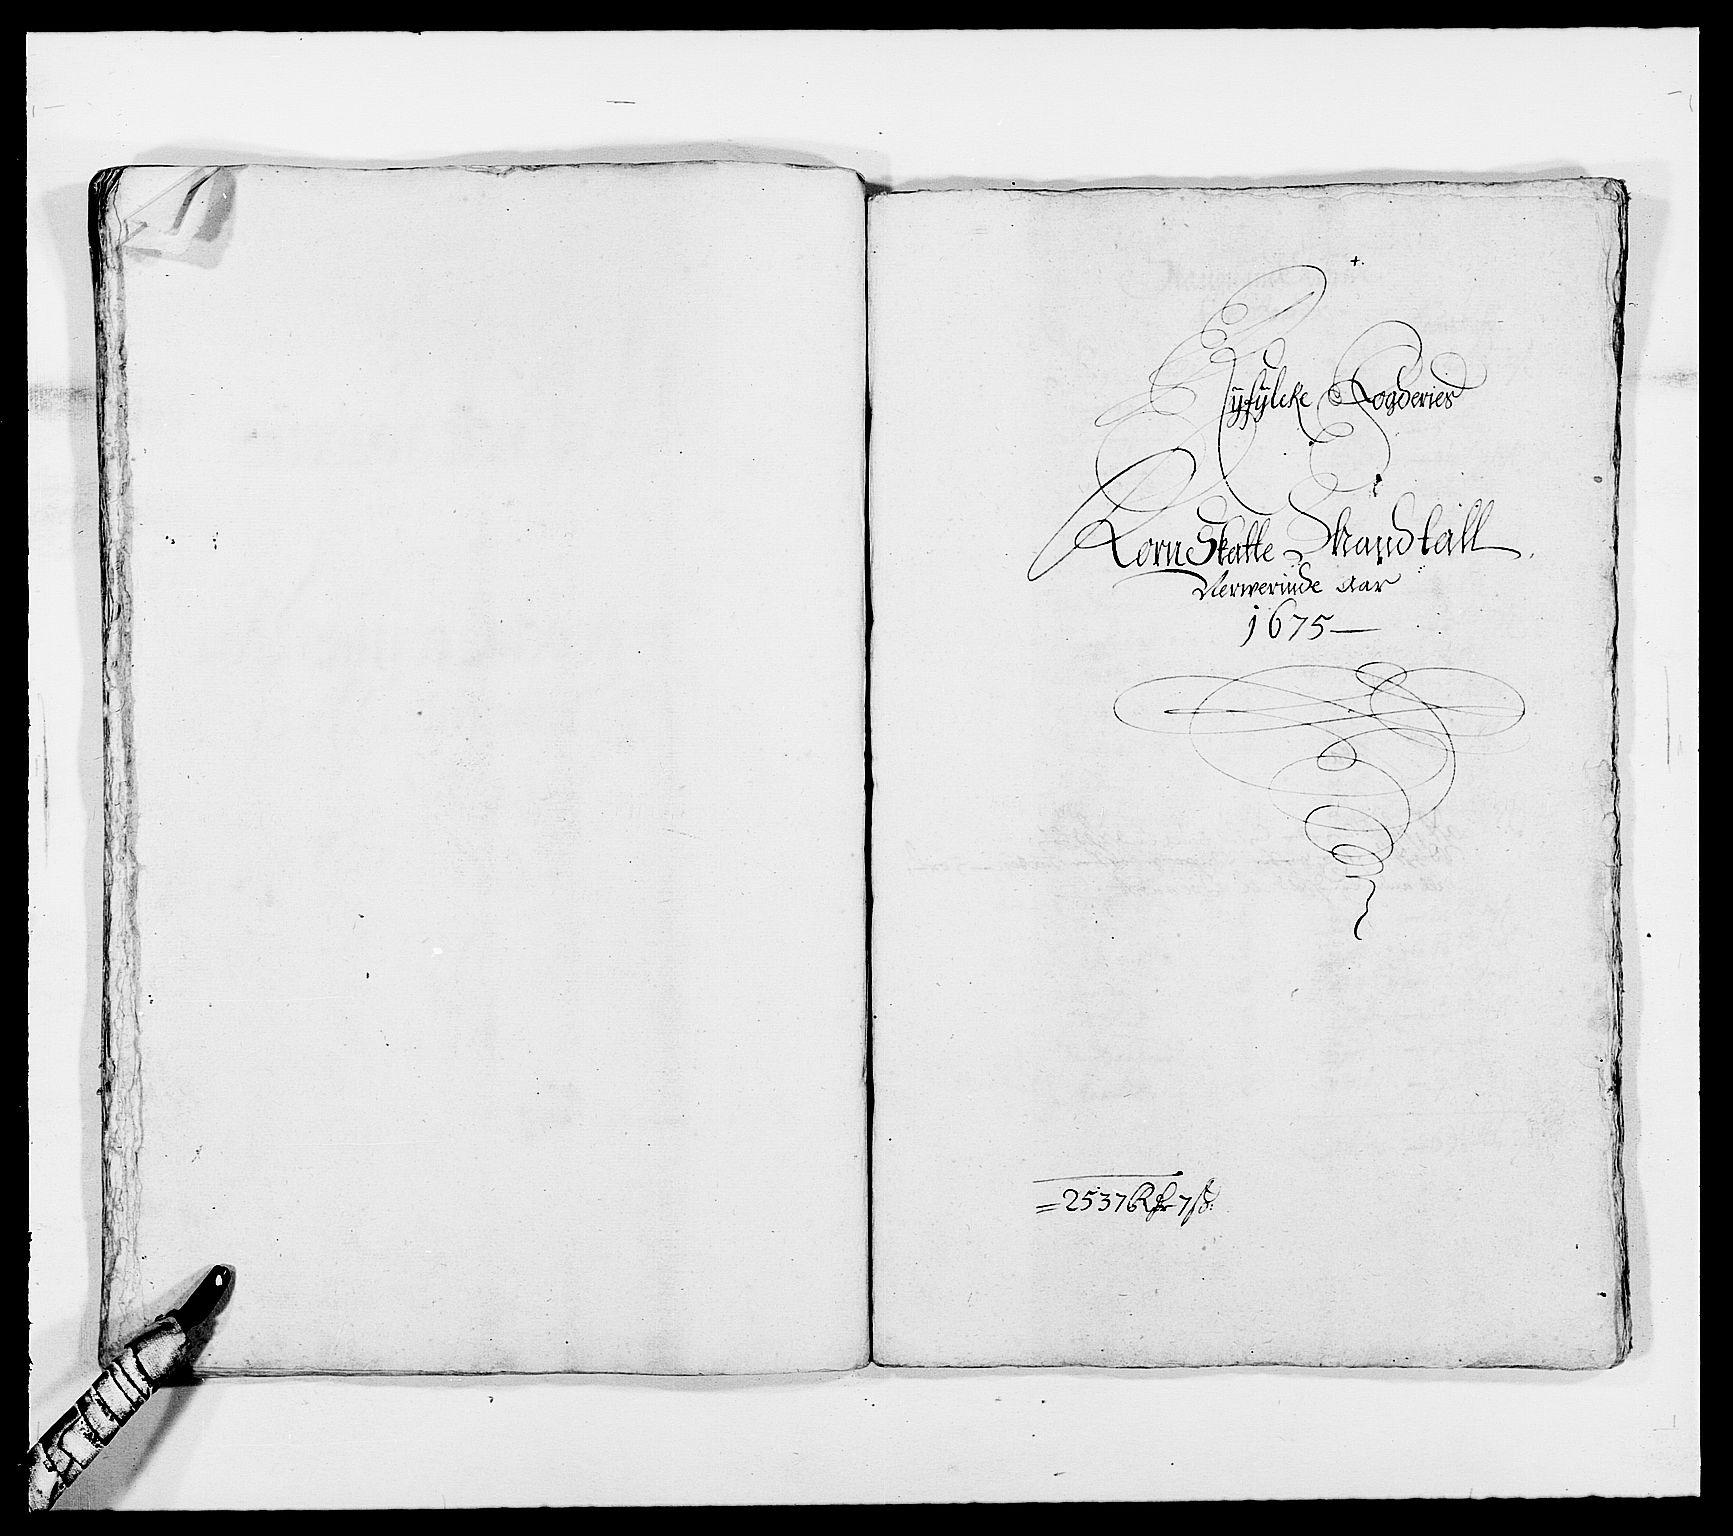 RA, Rentekammeret inntil 1814, Reviderte regnskaper, Fogderegnskap, R47/L2845: Fogderegnskap Ryfylke, 1674-1675, s. 257